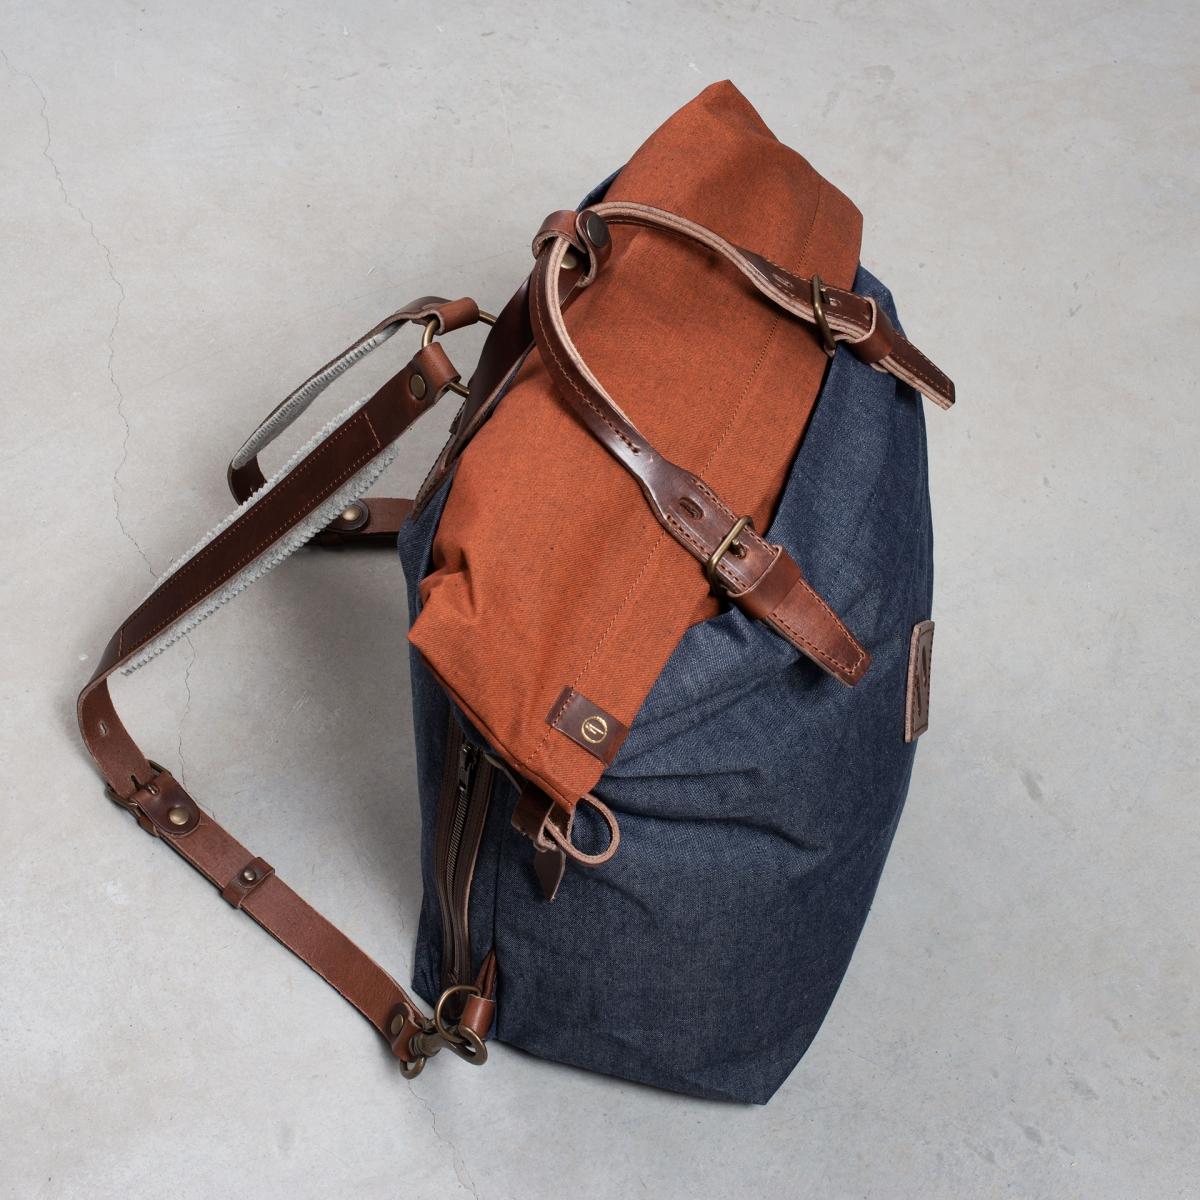 Woody M Backpack - Denim/Terra cotta (image n°6)